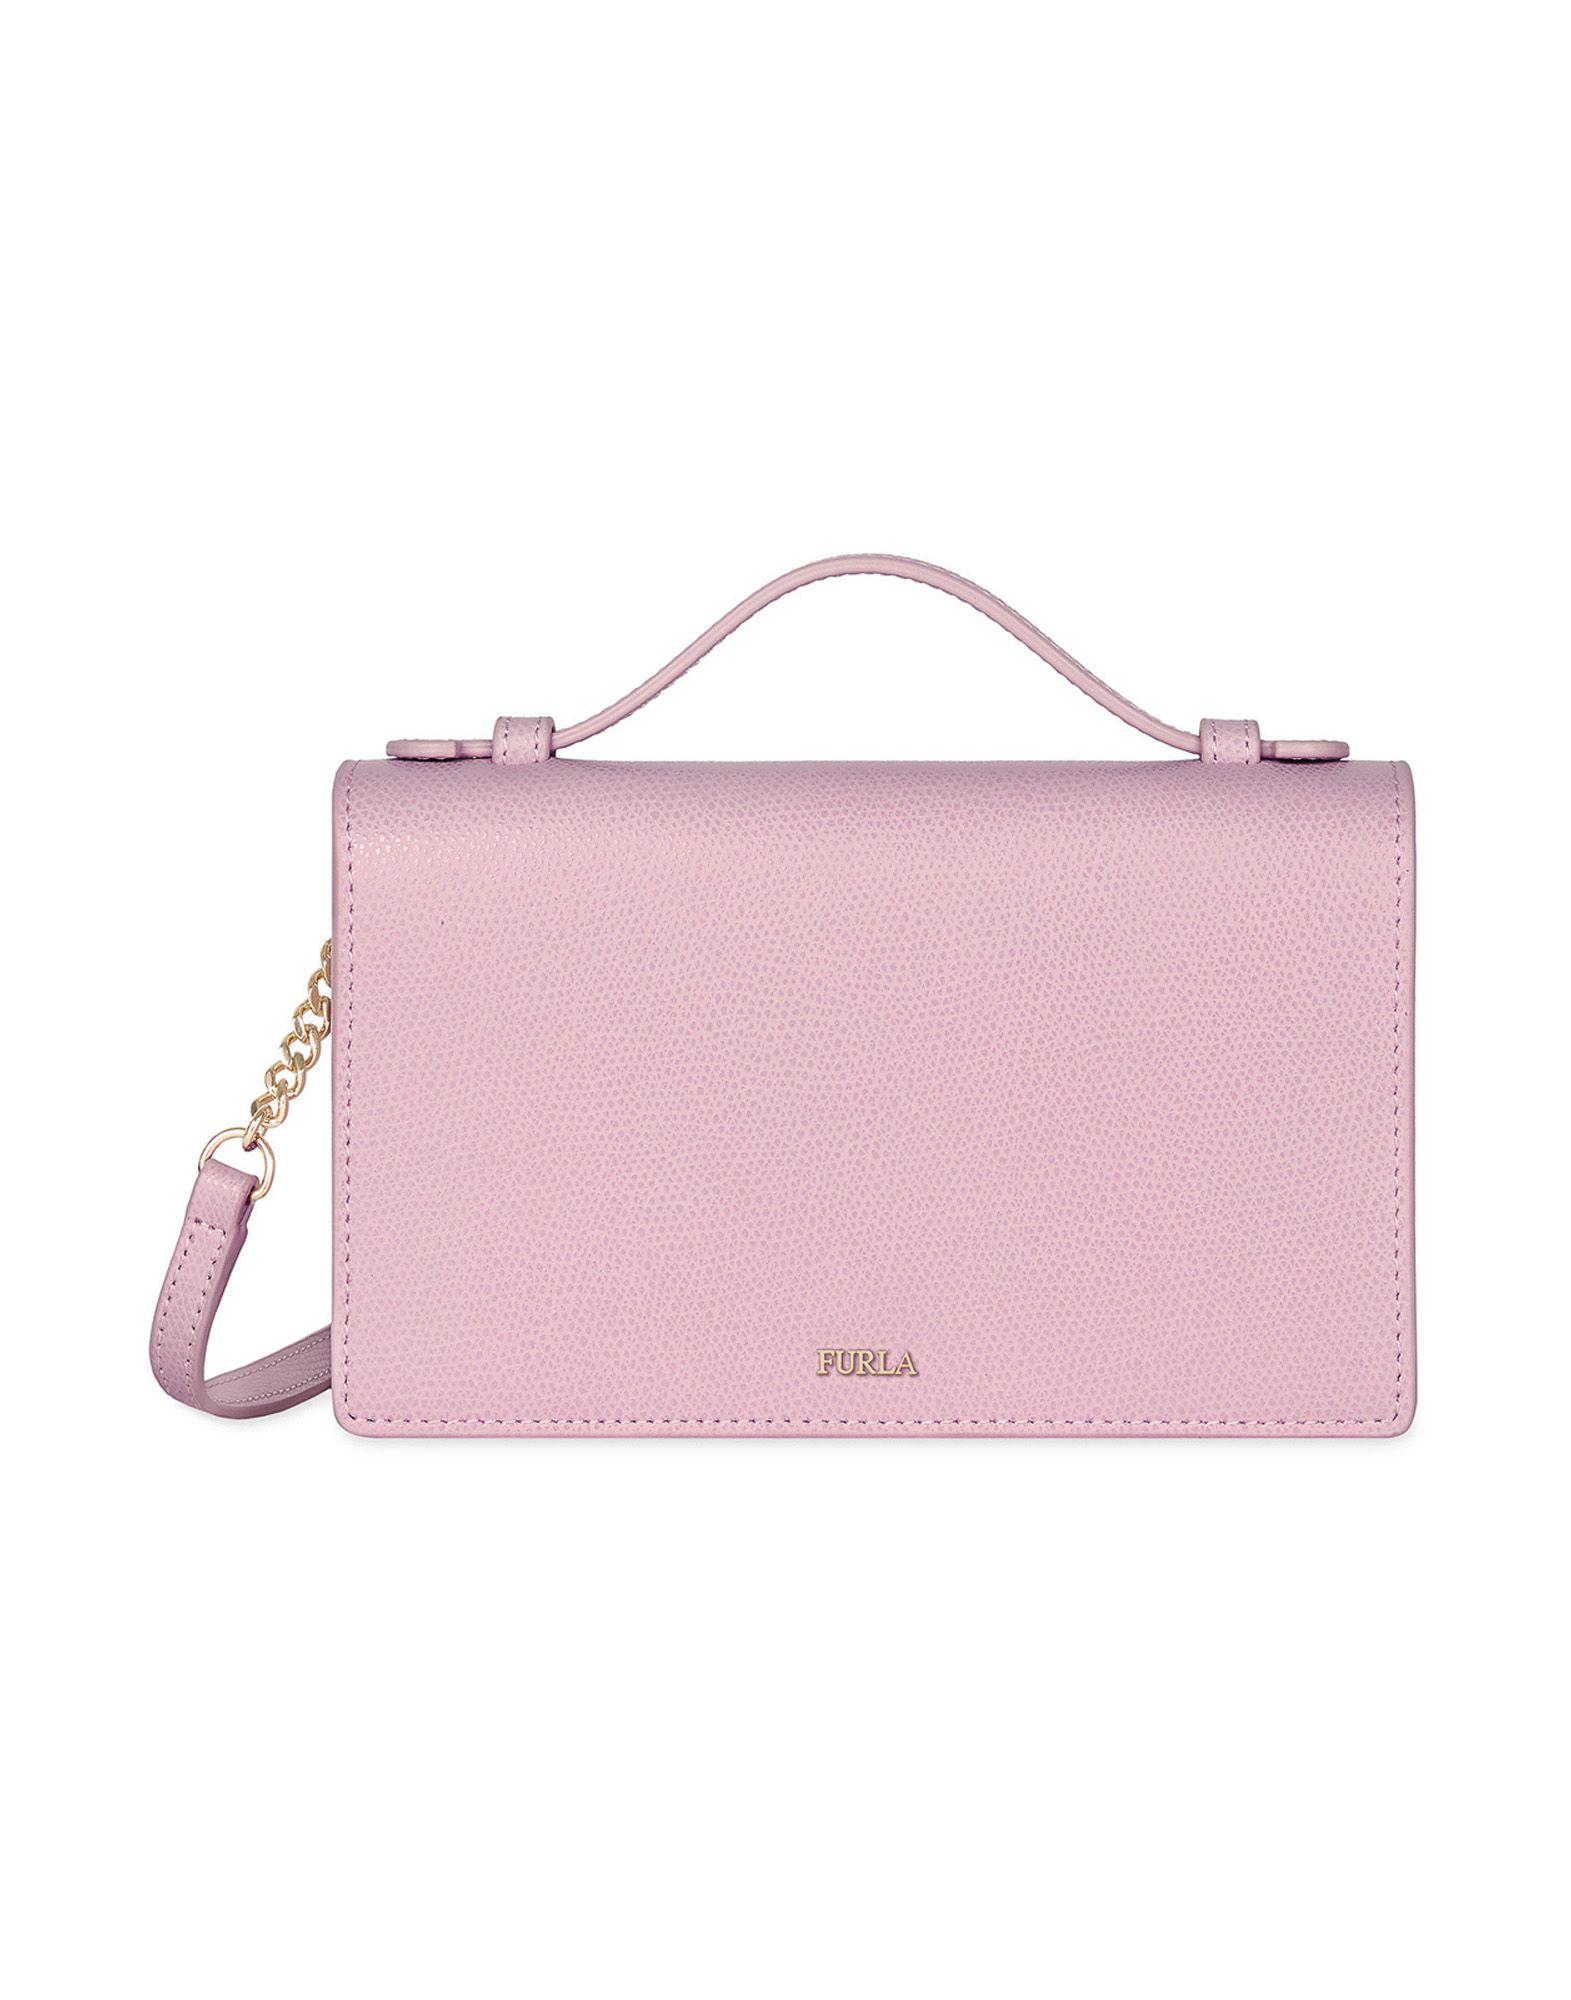 《送料無料》FURLA レディース ハンドバッグ ピンク 革 100% INCANTO CROSSBODY+CREDIT CARD